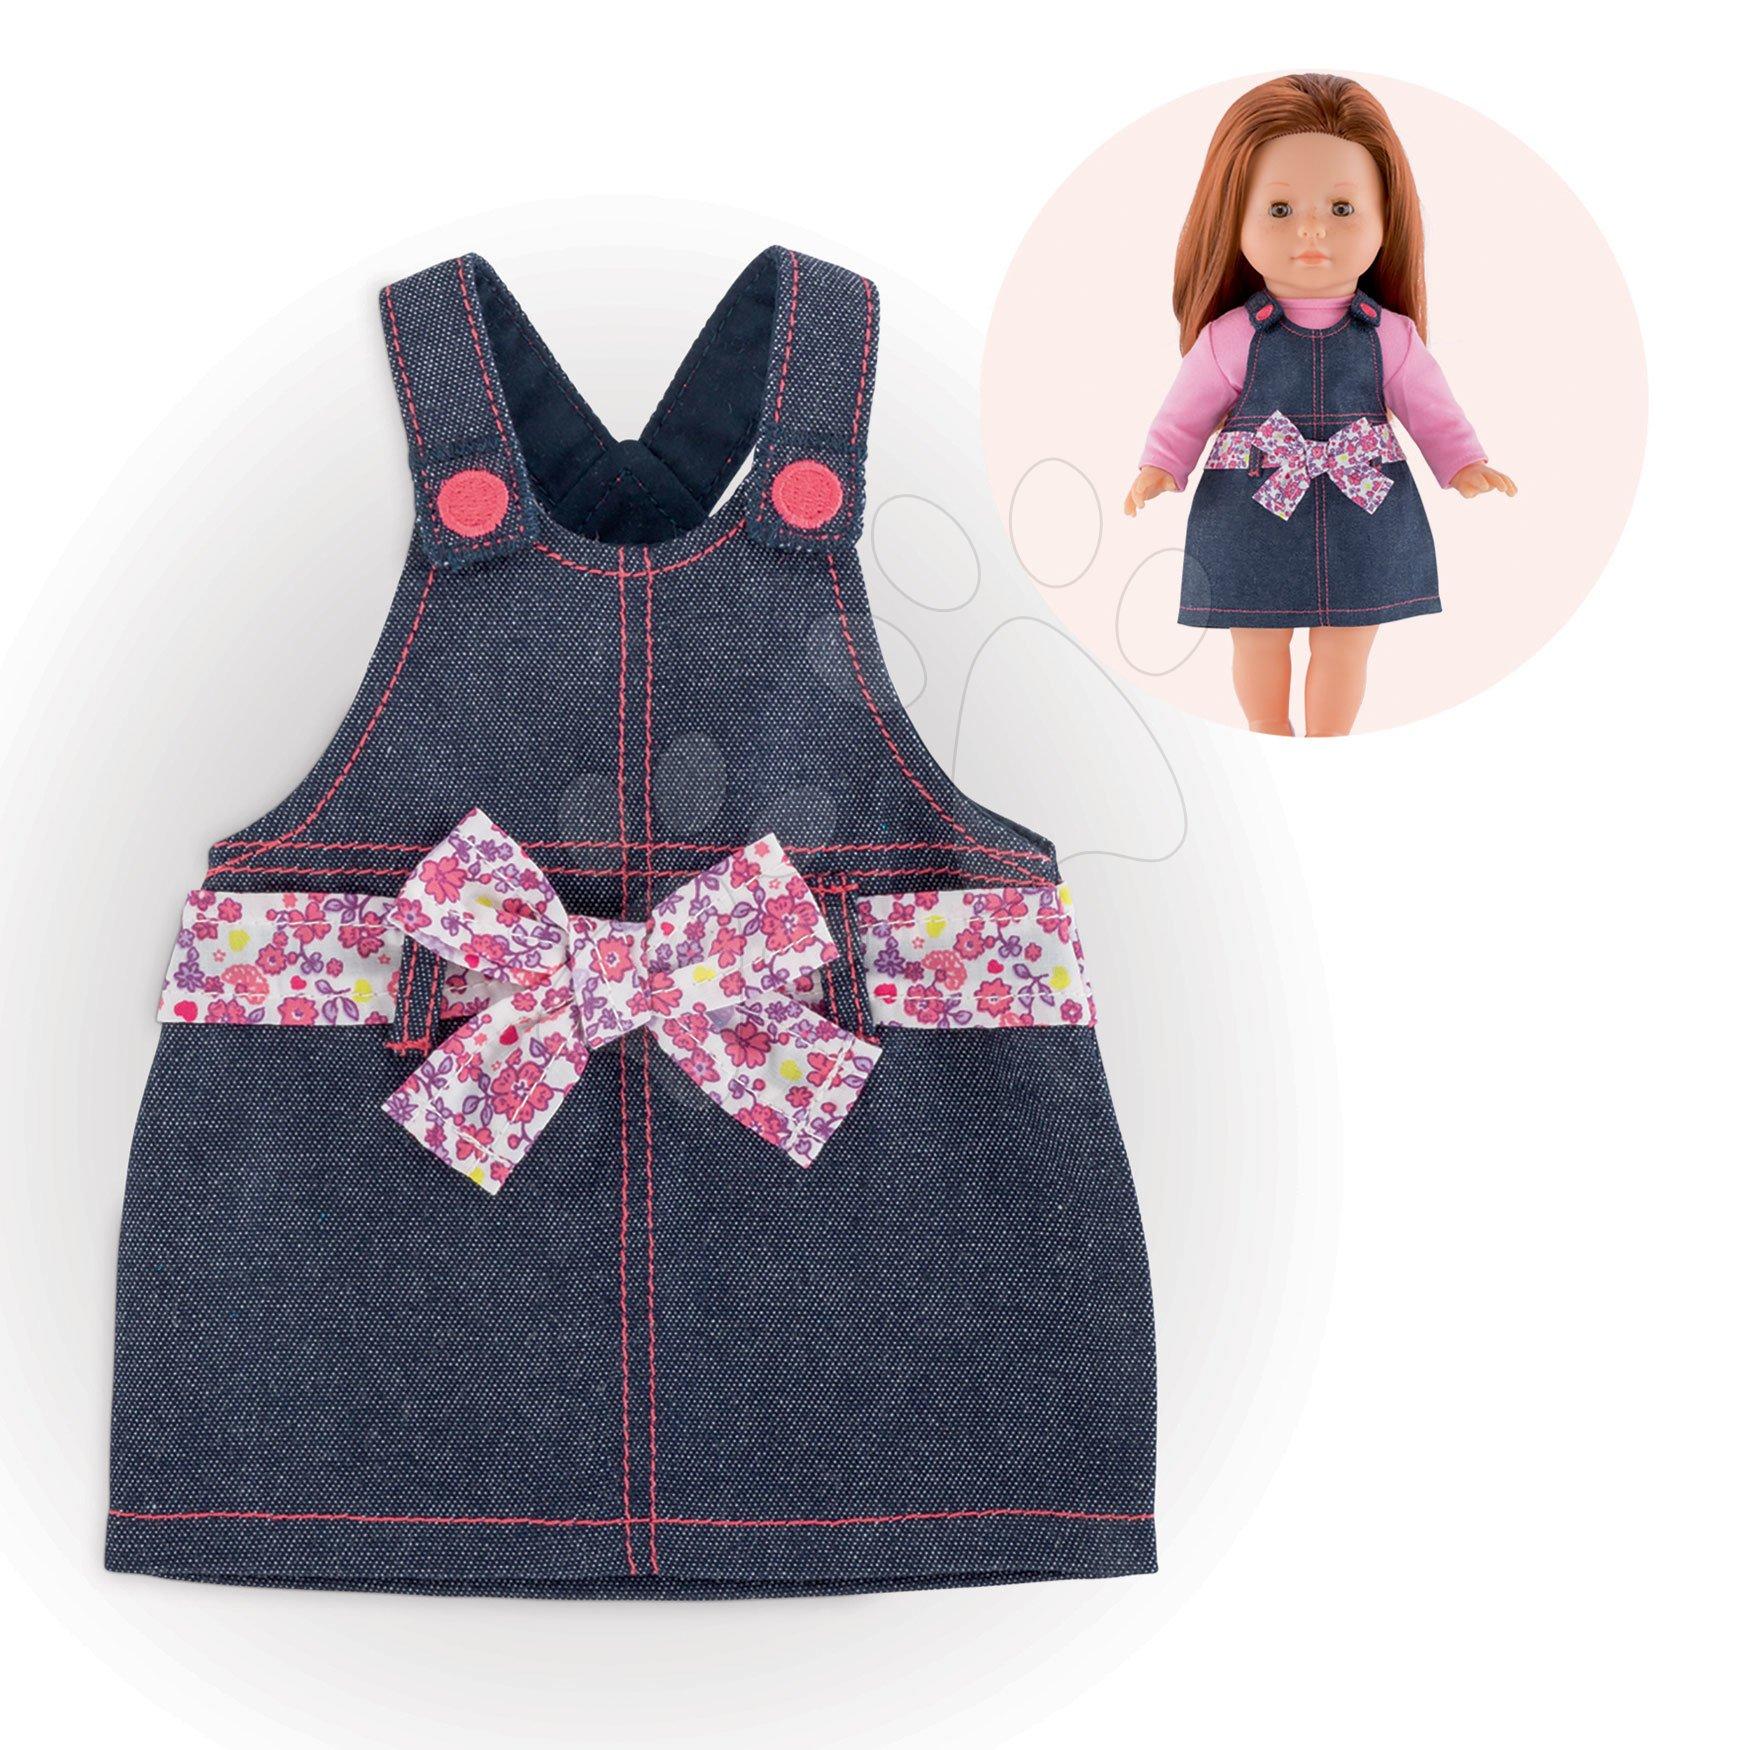 Oblečenie Overall Dress Denim Ma Corolle pre 36 cm bábiku od 4 rokov